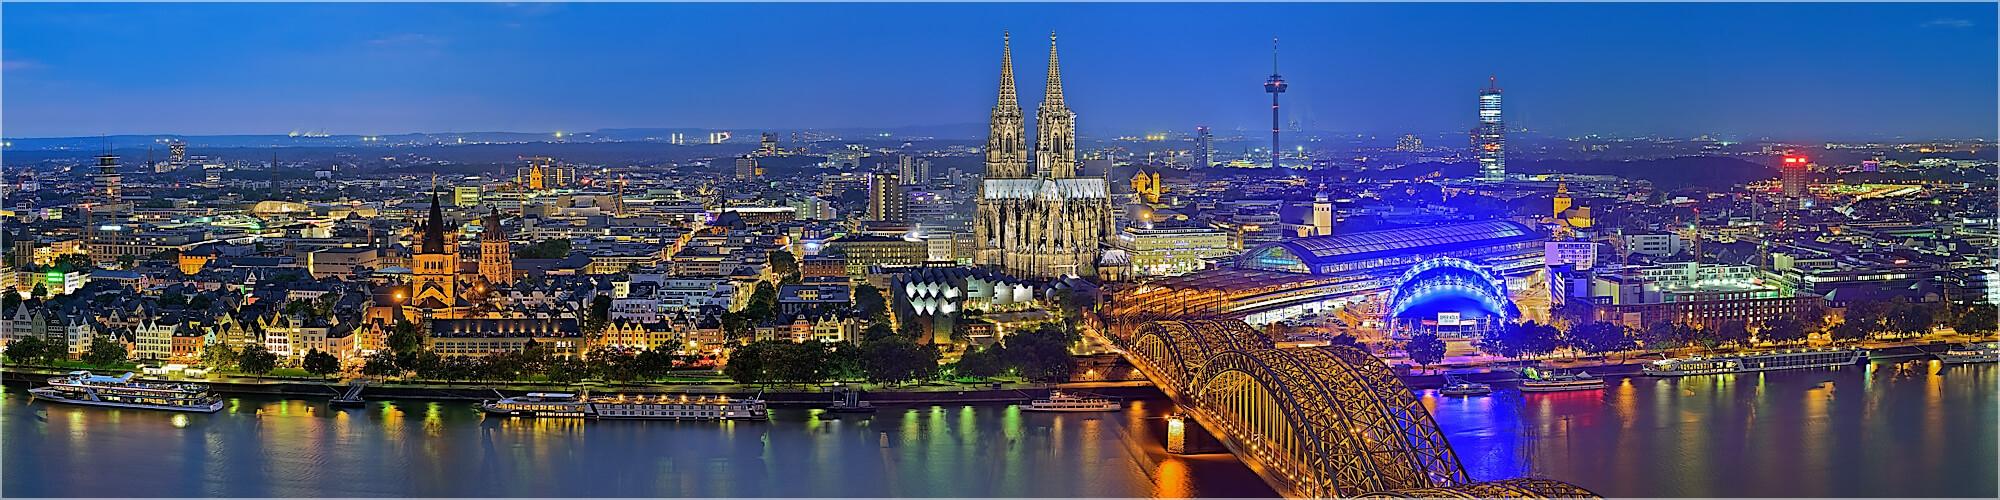 Panoramabild Skyline Köln